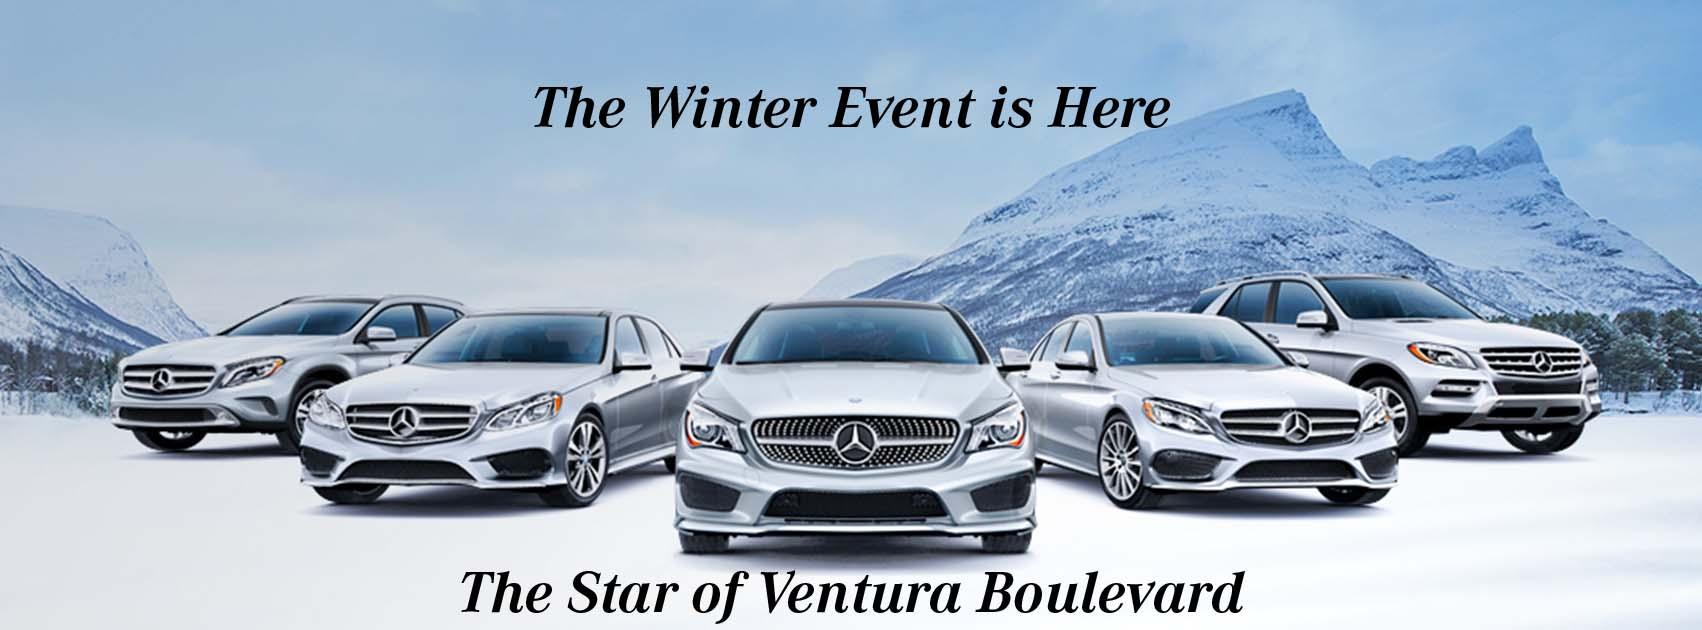 2014 Los Angeles Mercedes Specials Deals Offers Encino